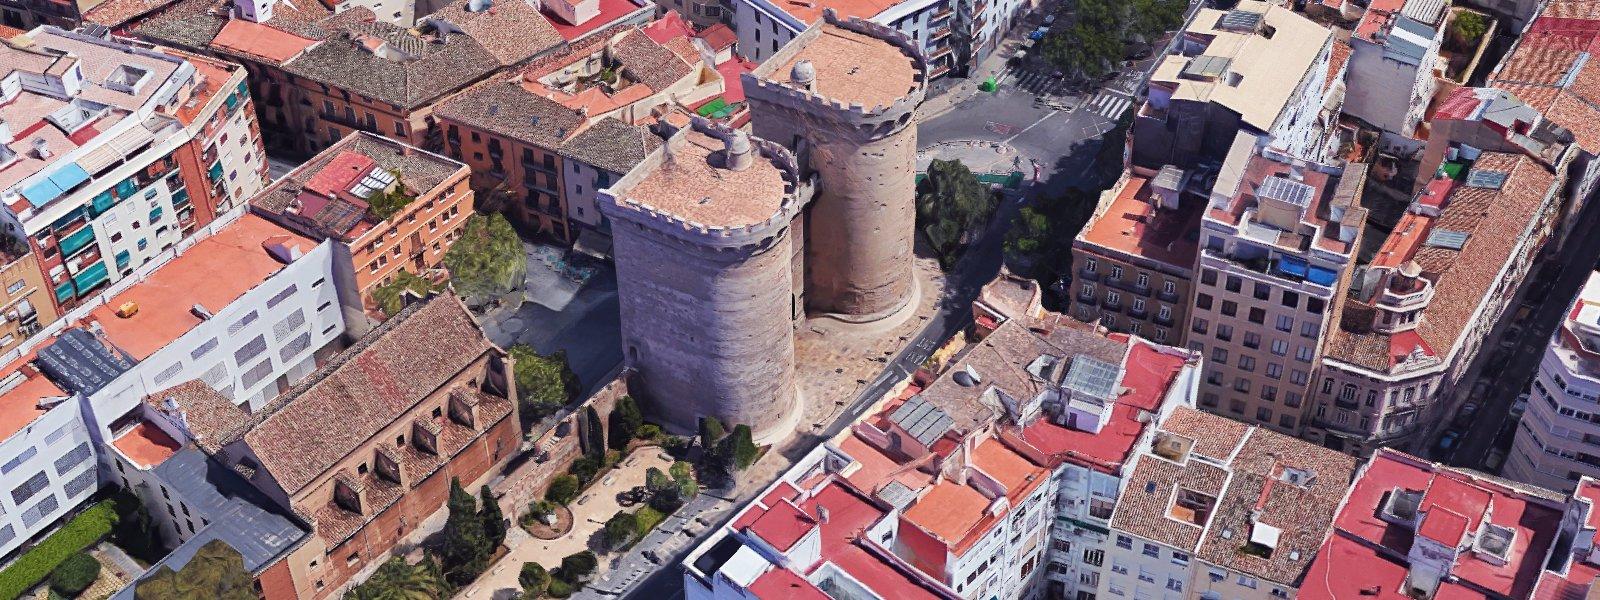 Torres de Quart, localització per a la representació d'espectacles